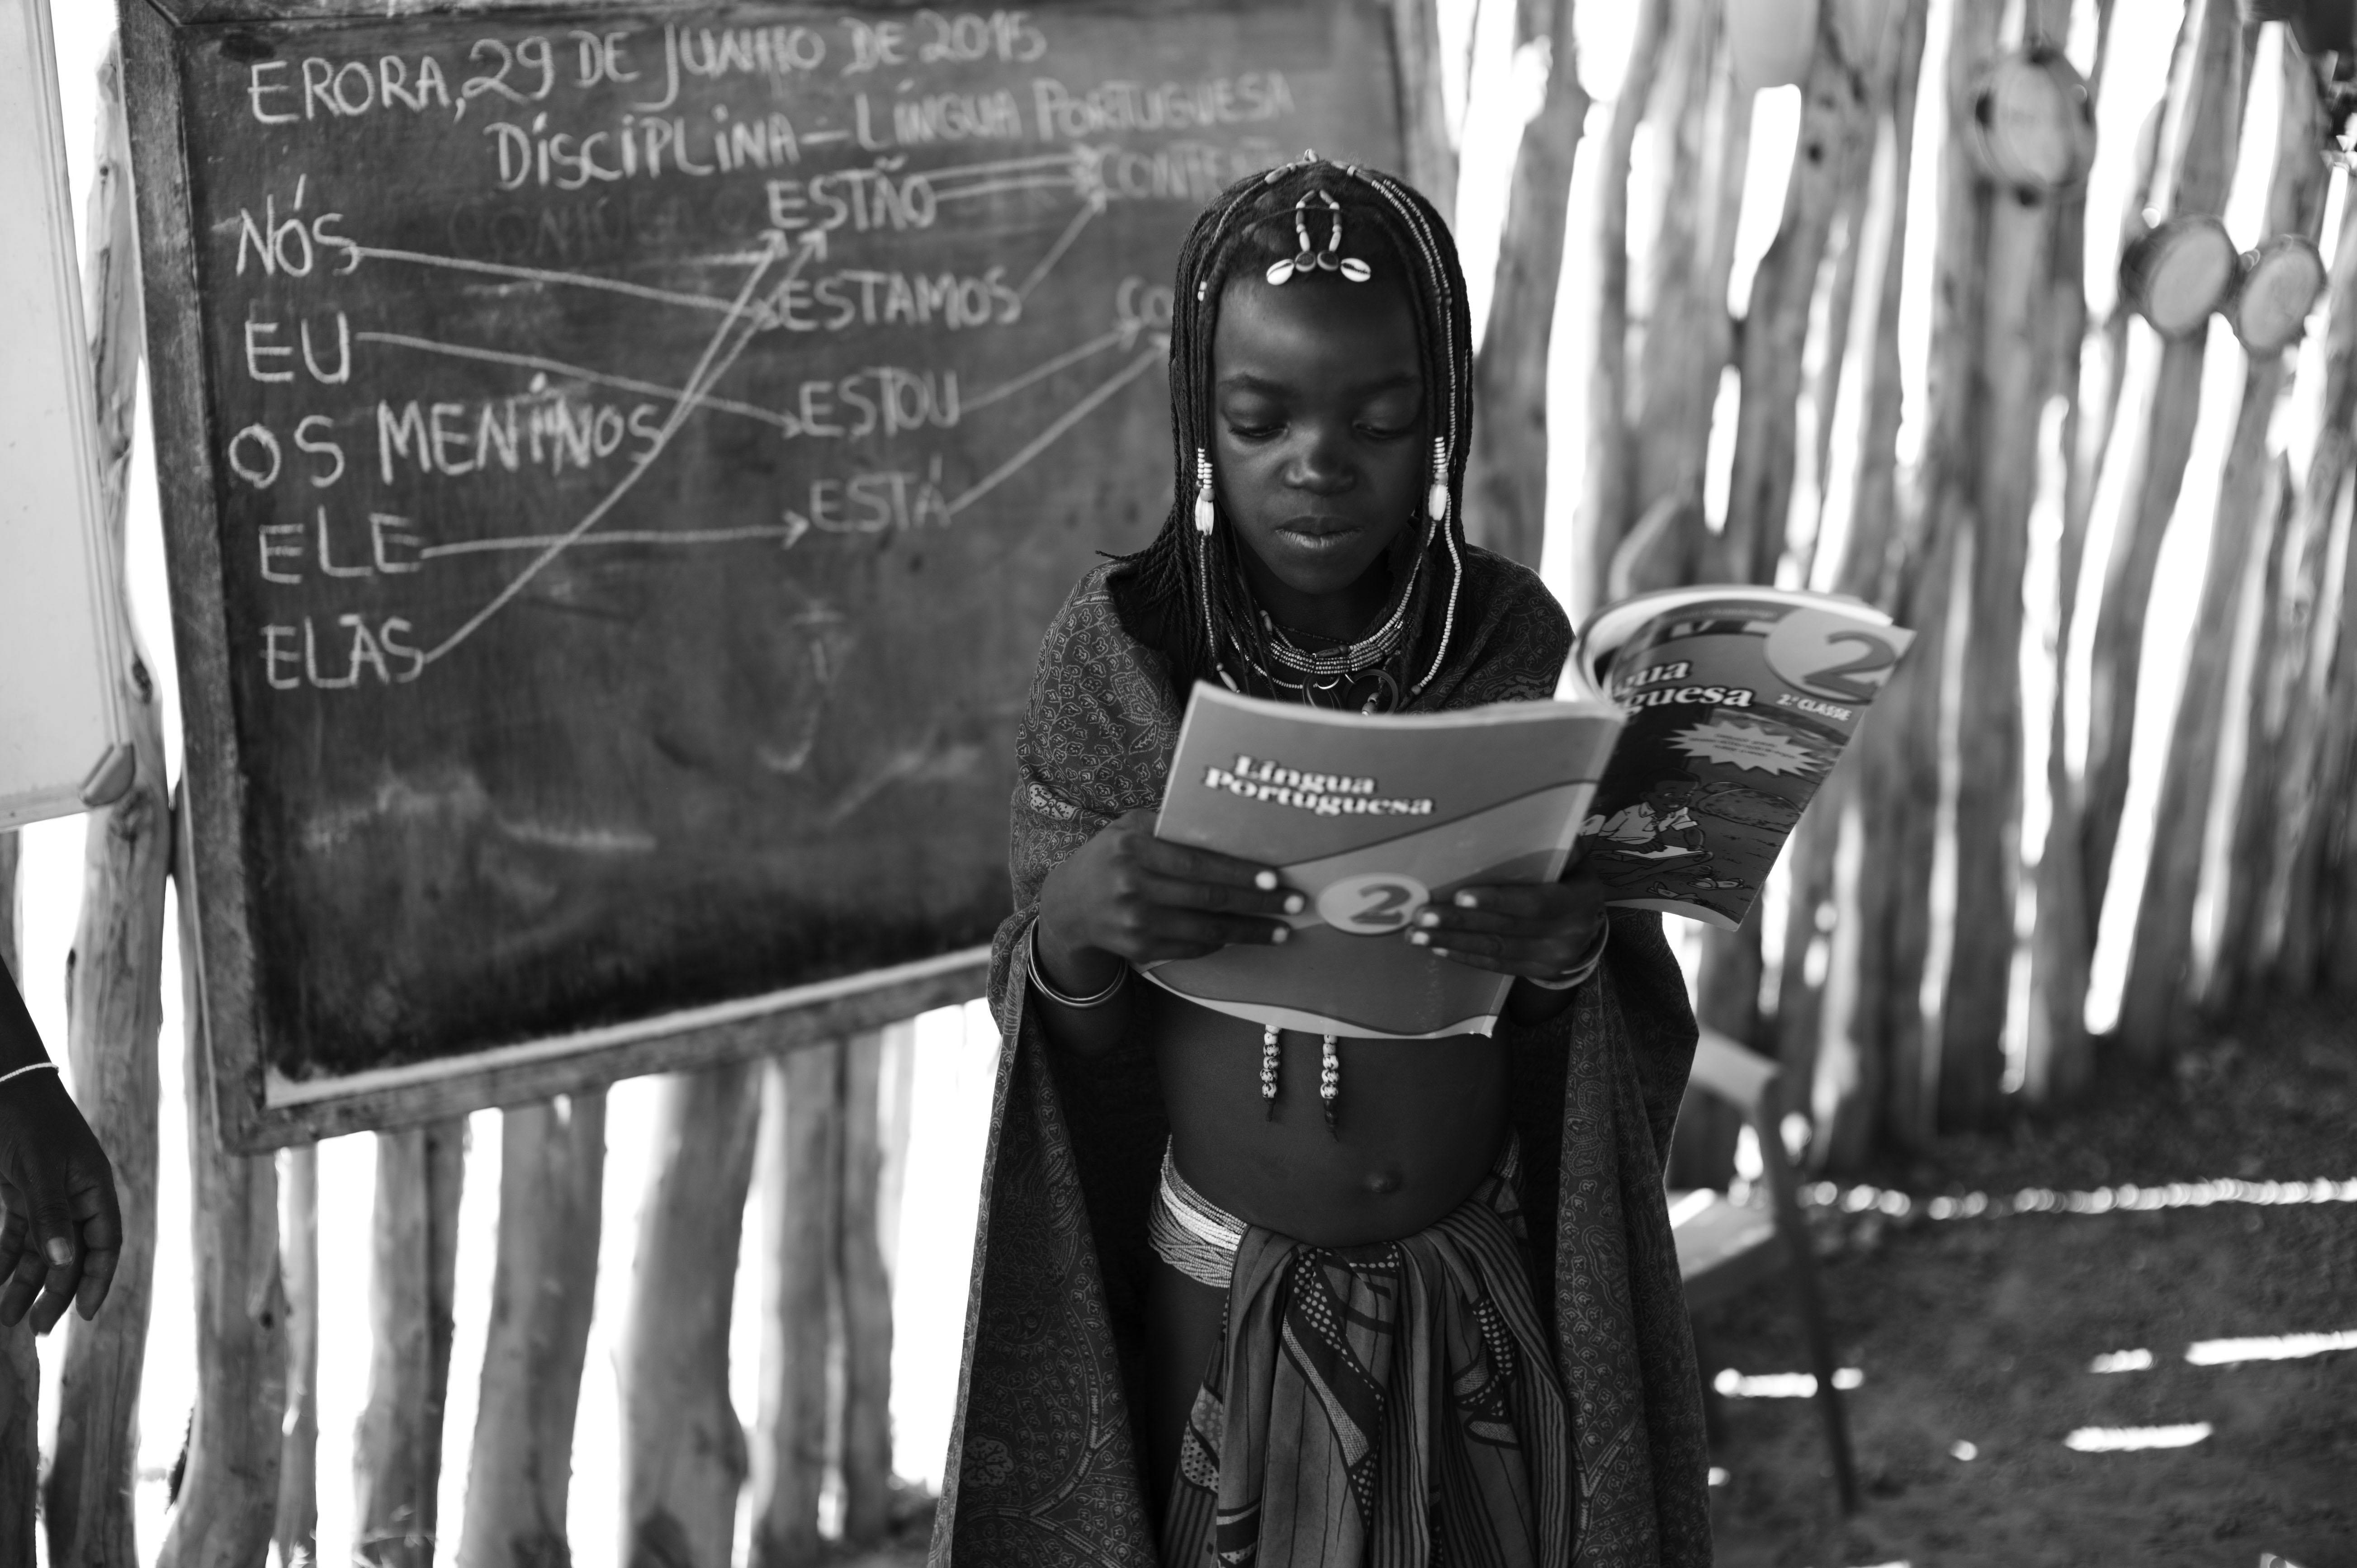 Exposição do Museu da Língua Portuguesa faz percurso itinerante pela África